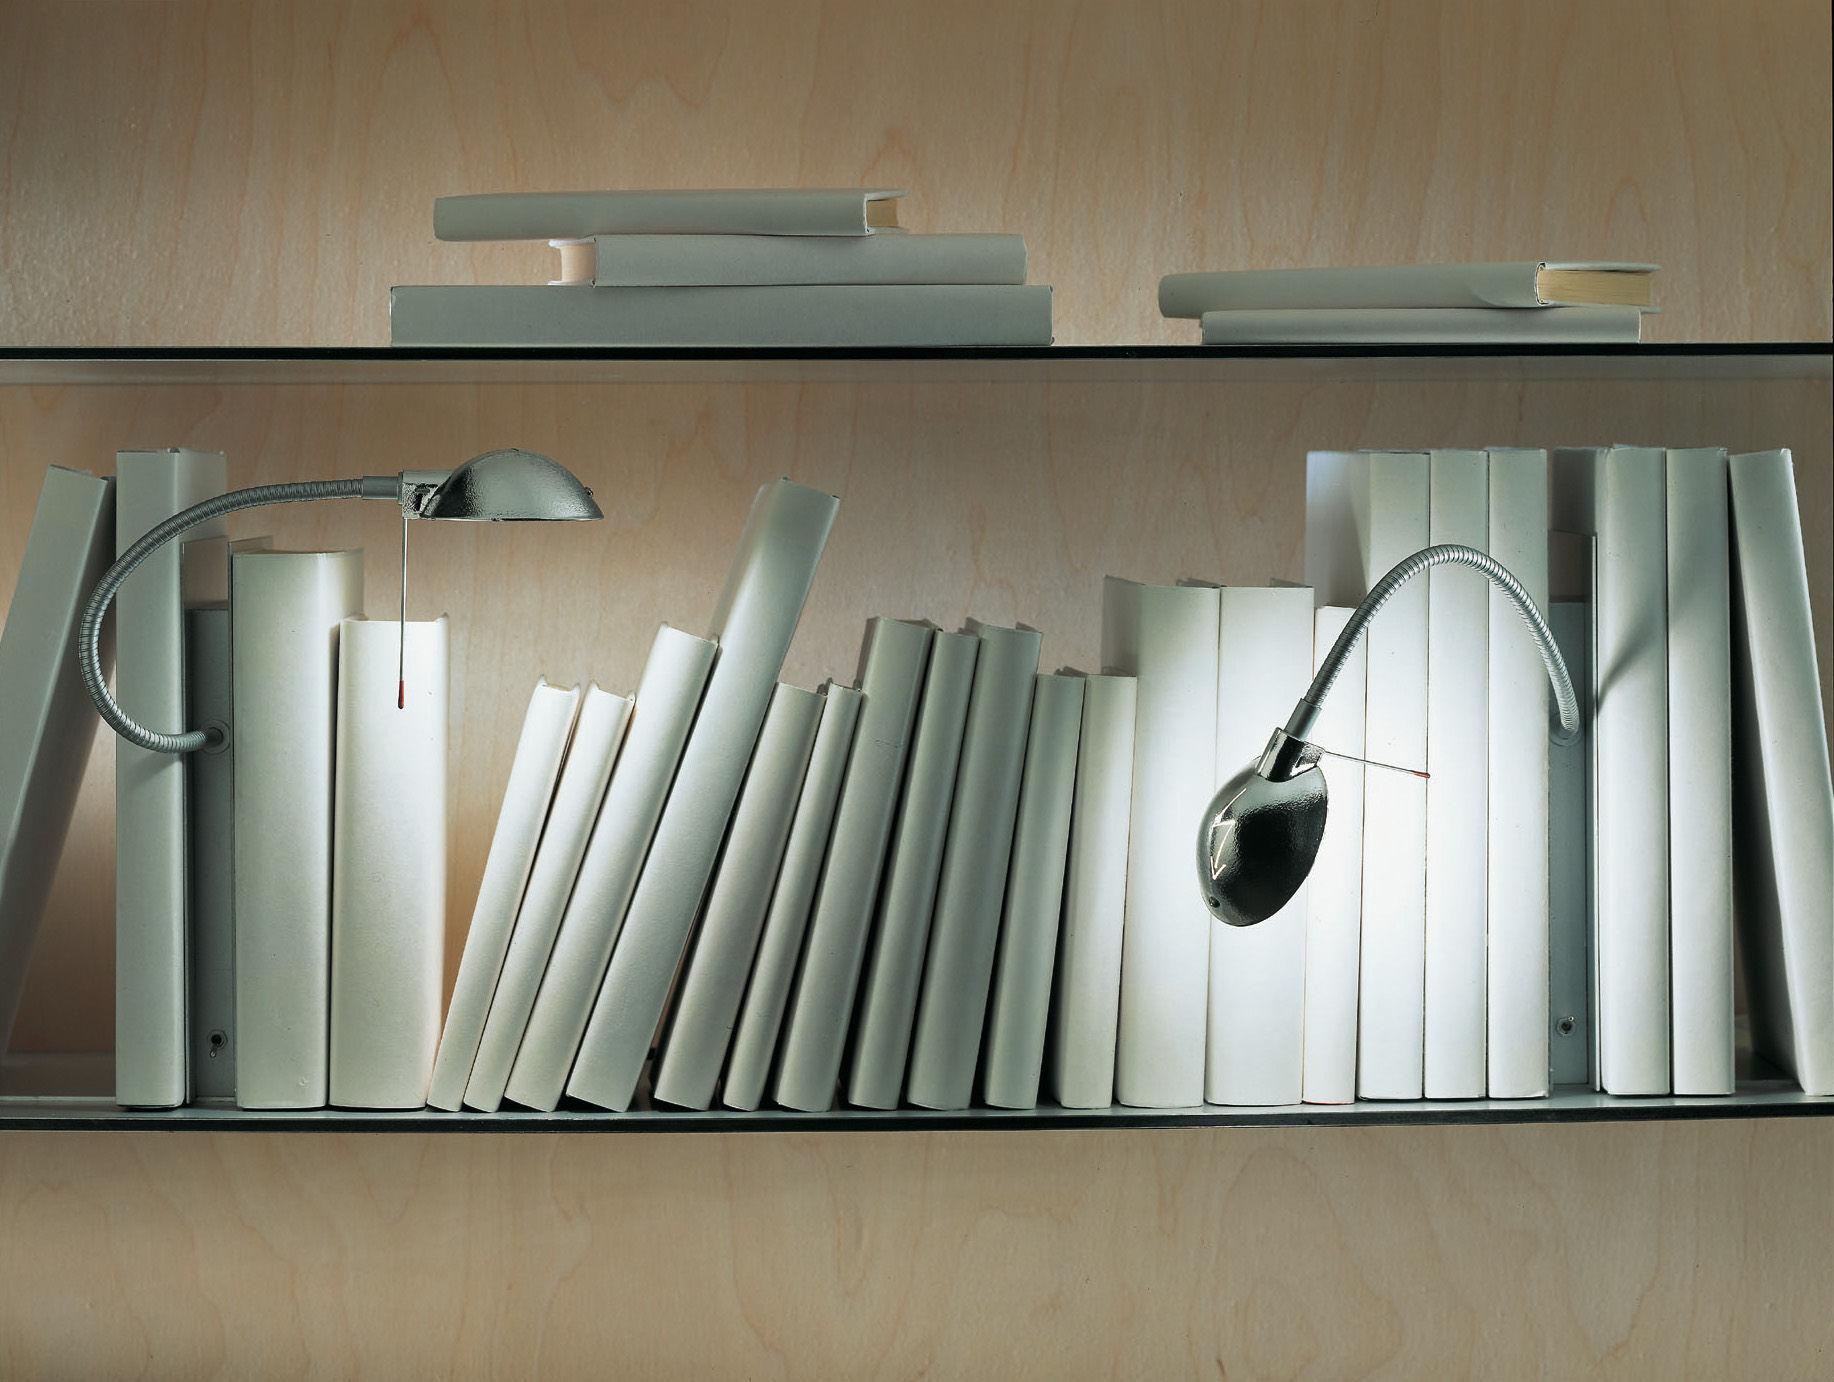 Leuchten - Tischleuchten - Oskar LED Lampe für Regale - Ingo Maurer - Aluminium - Metall